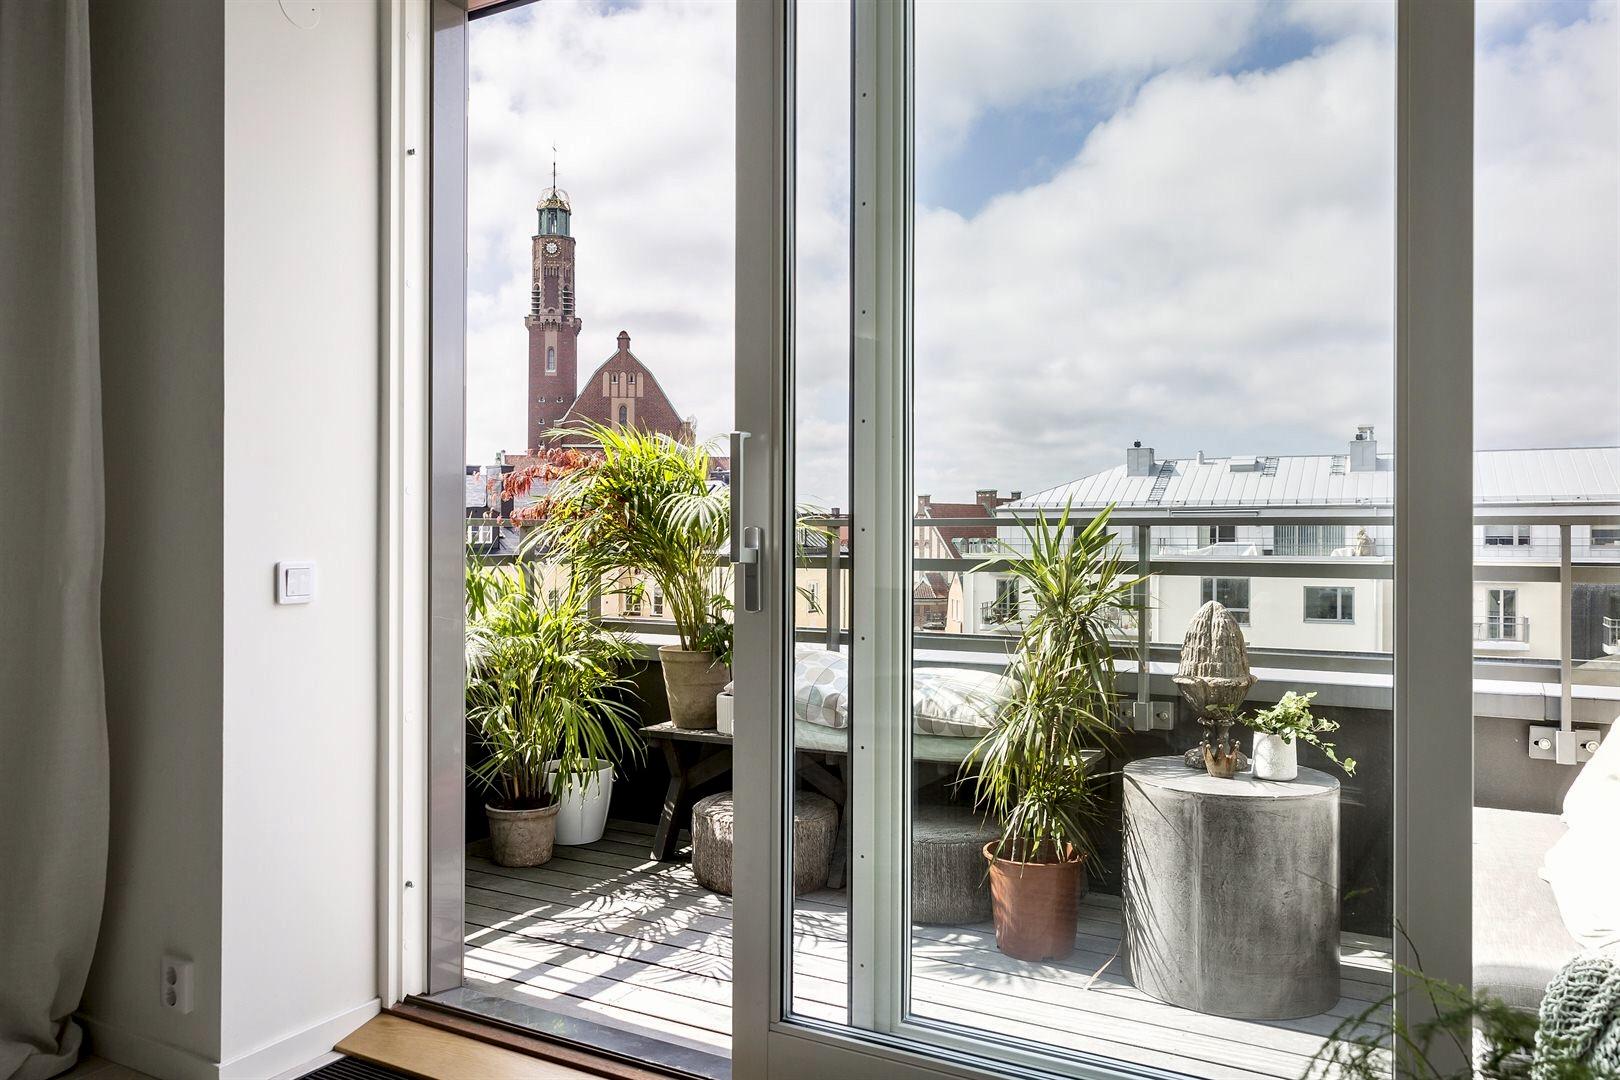 раздвижные стеклянные двери балкон деревянный настил цветы